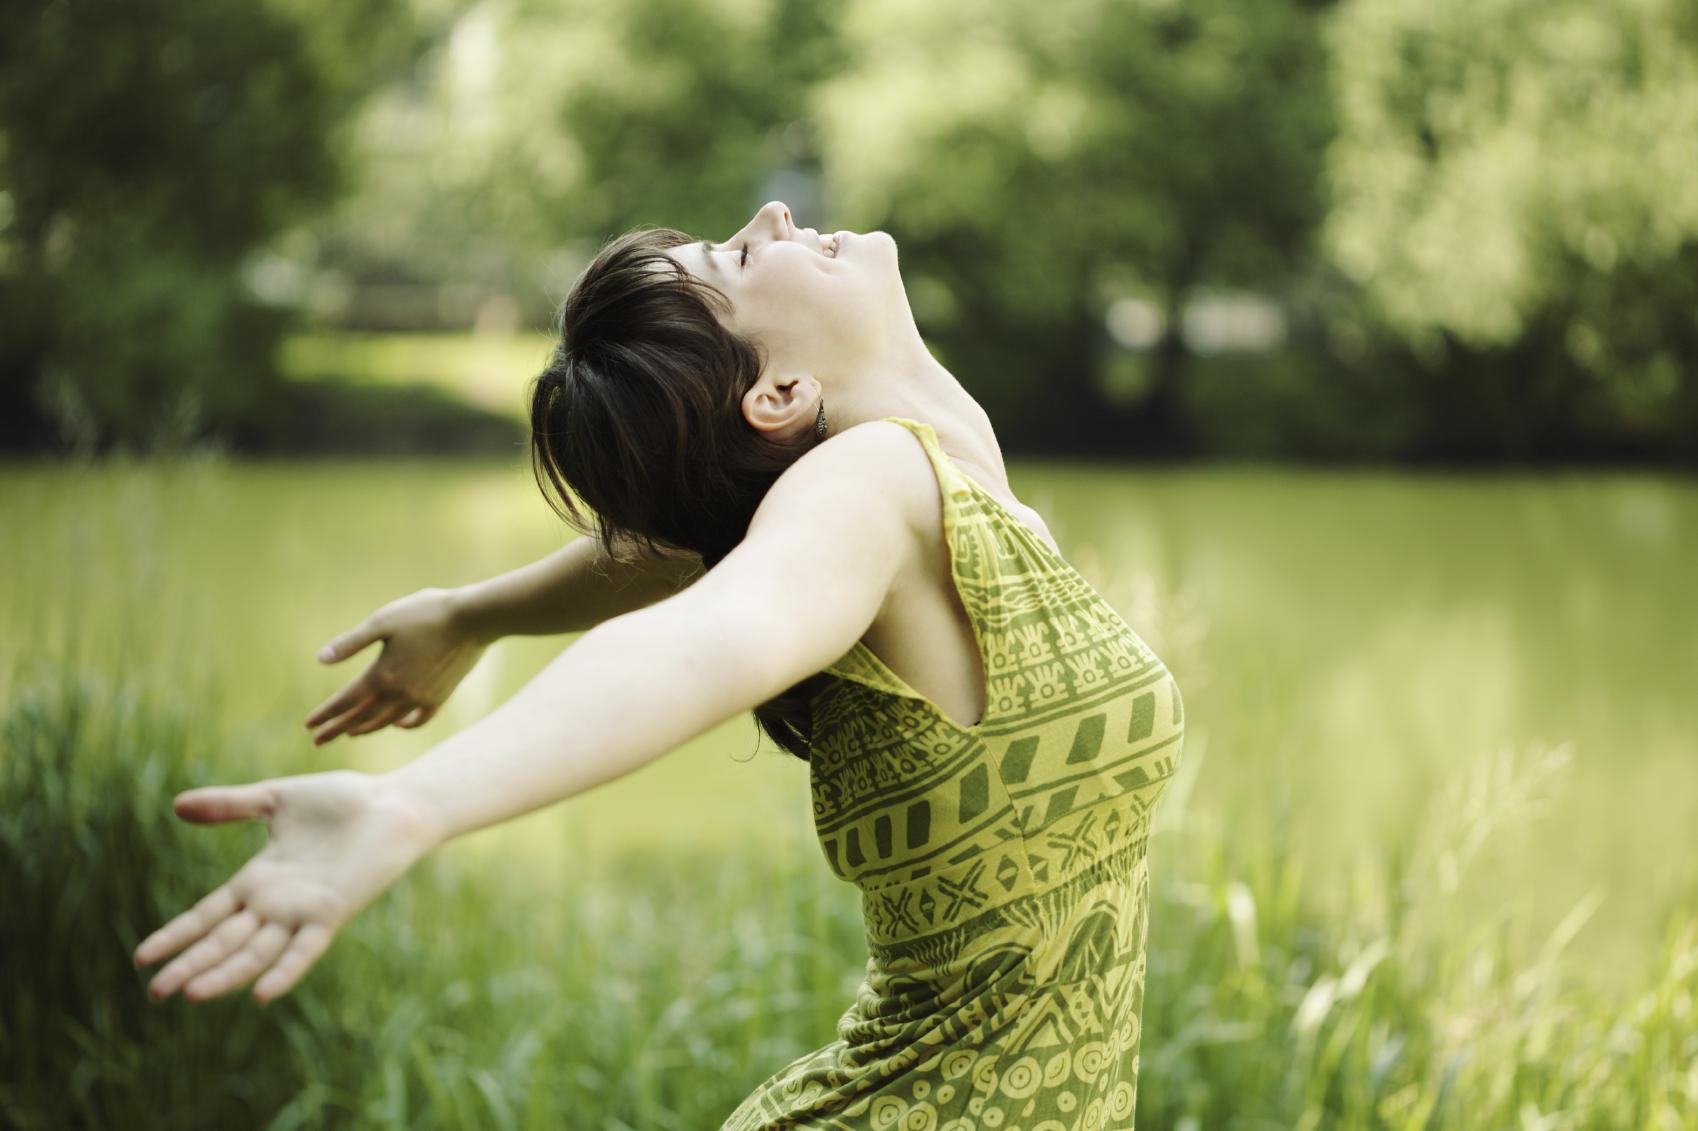 『マインドフルネス』実践法!集中力UPやストレス軽減にも効果があるって本当?